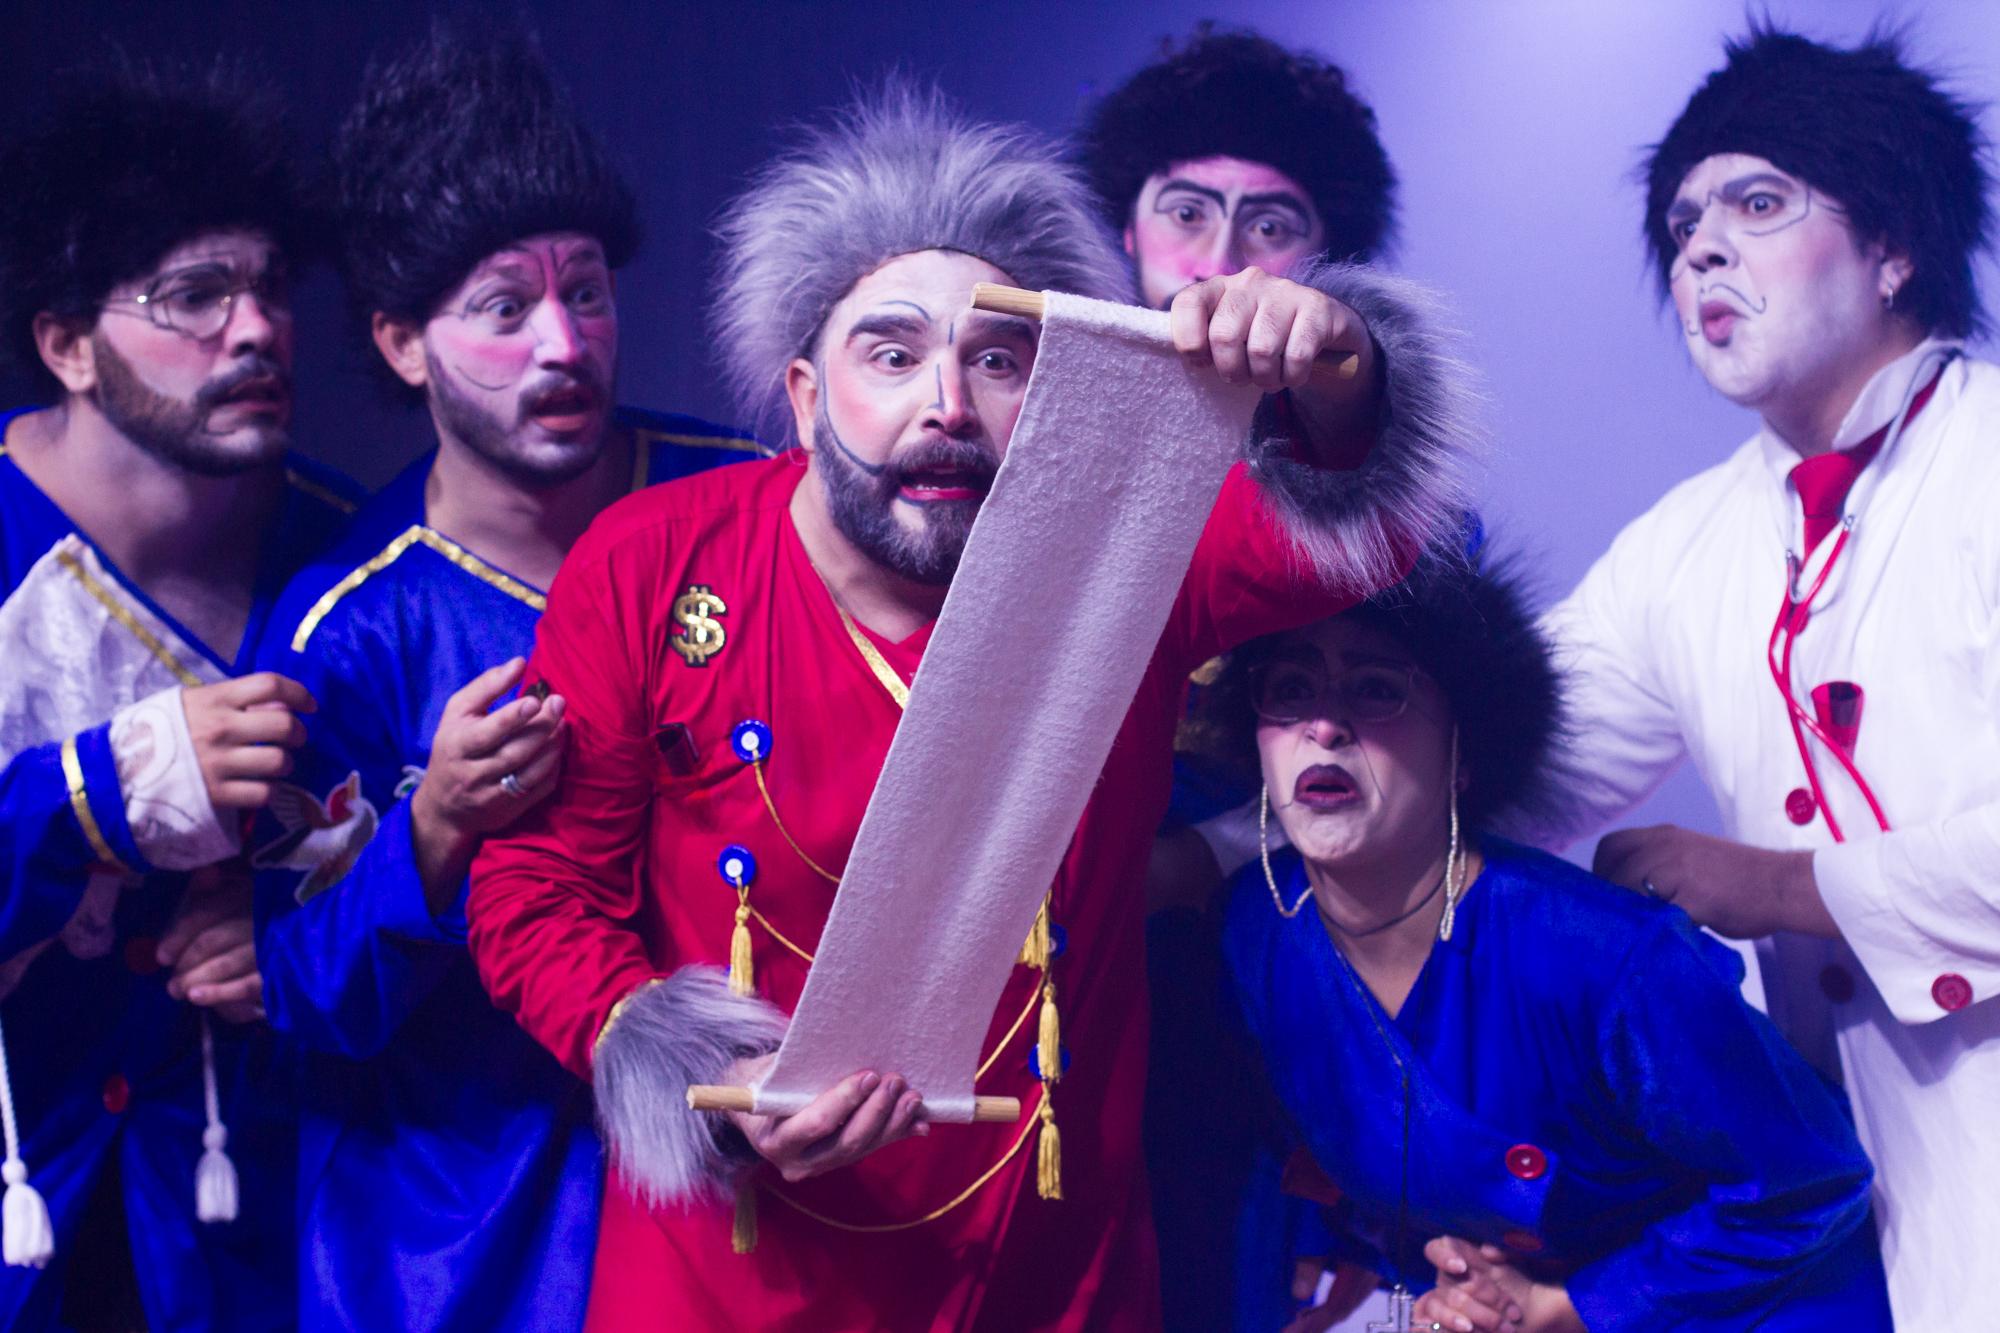 Teatro dos Ventos estreia espetáculo de rua na reinauguração do Castelinho do Parque da Cidade